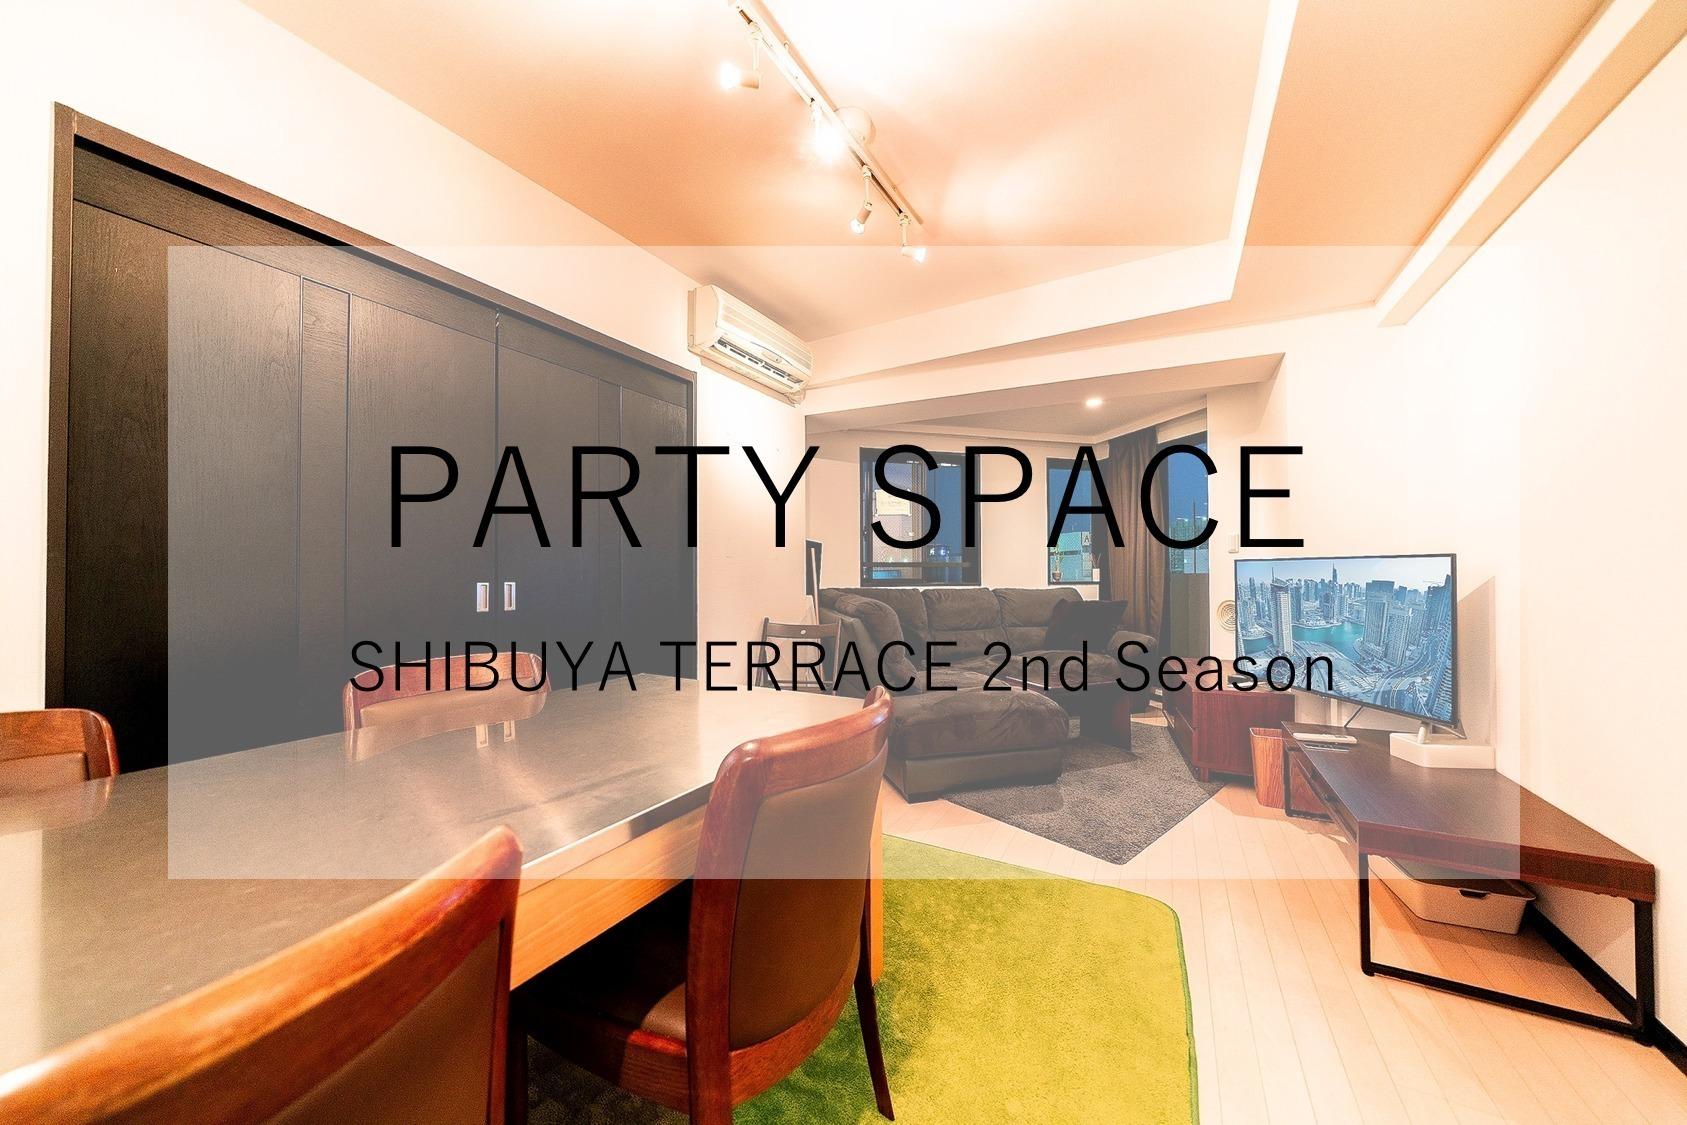 特別値引き!深夜利用OK <SHIBUYA TERRACE 2nd Season>渋谷マークシティ1分♪60㎡の広々スペース! の写真